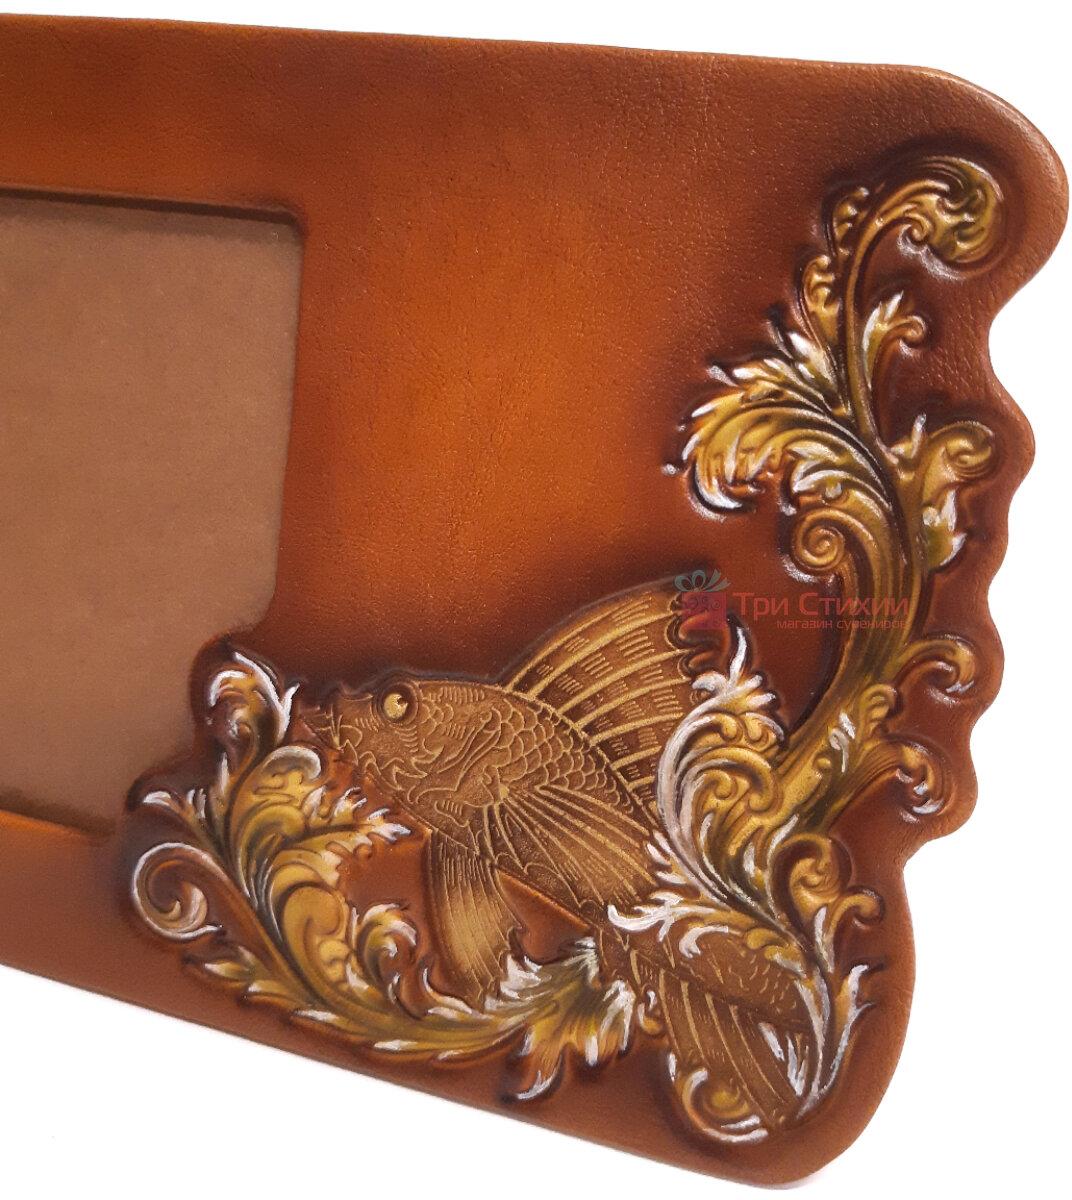 Рамка для фото Макей Золота рибка шкіряна (519-08-03), фото 3